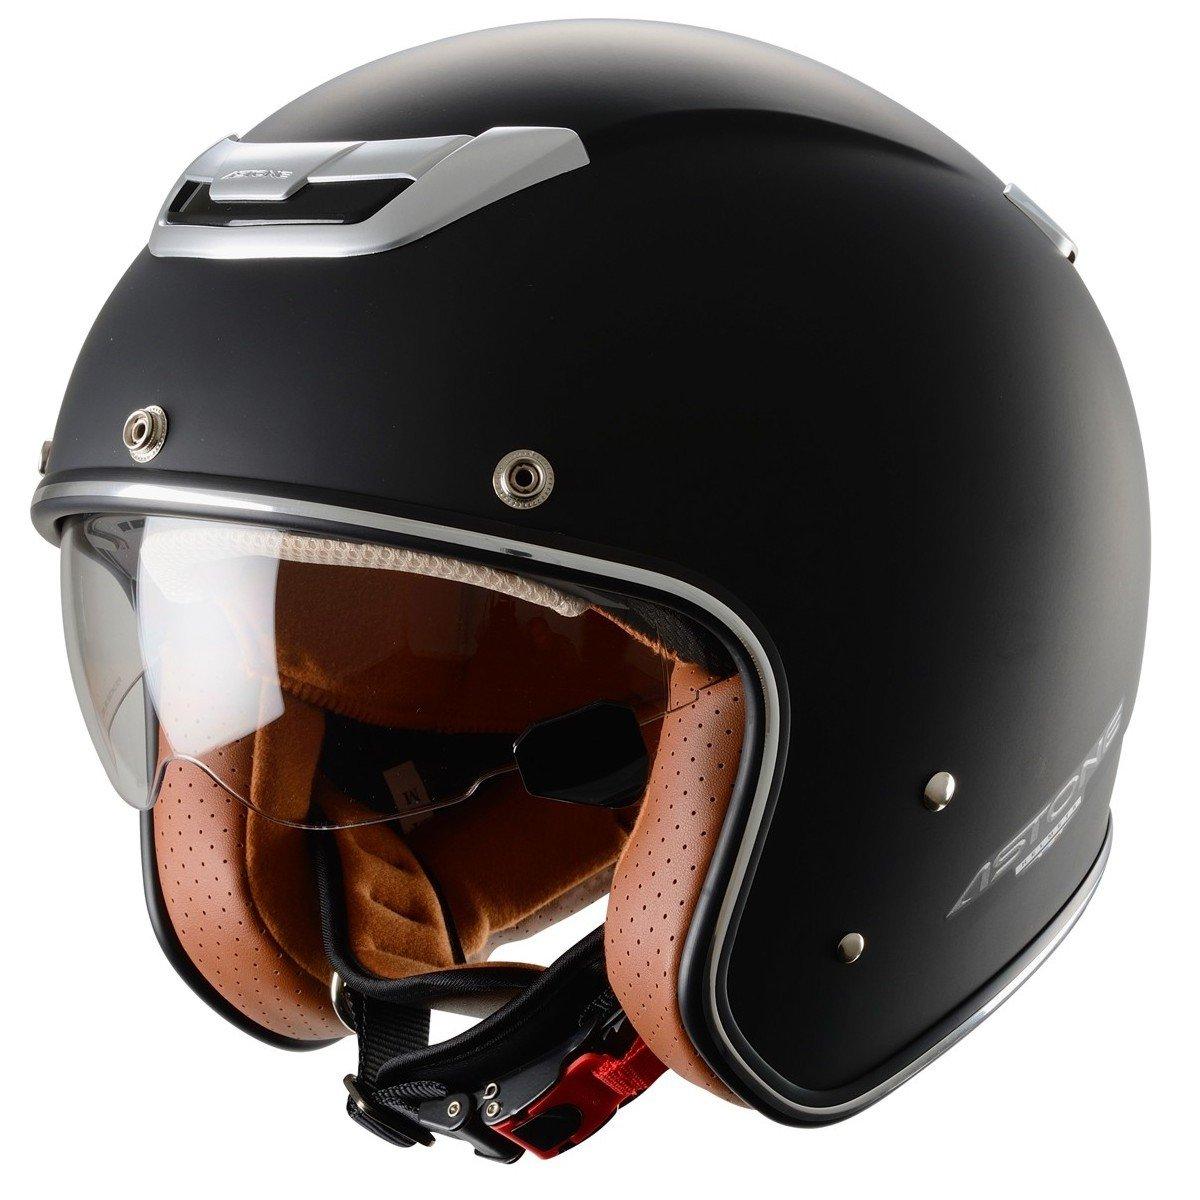 Motocyklová otevřená přilba ASTONE Sporster Solid (matně černá), vel. XL